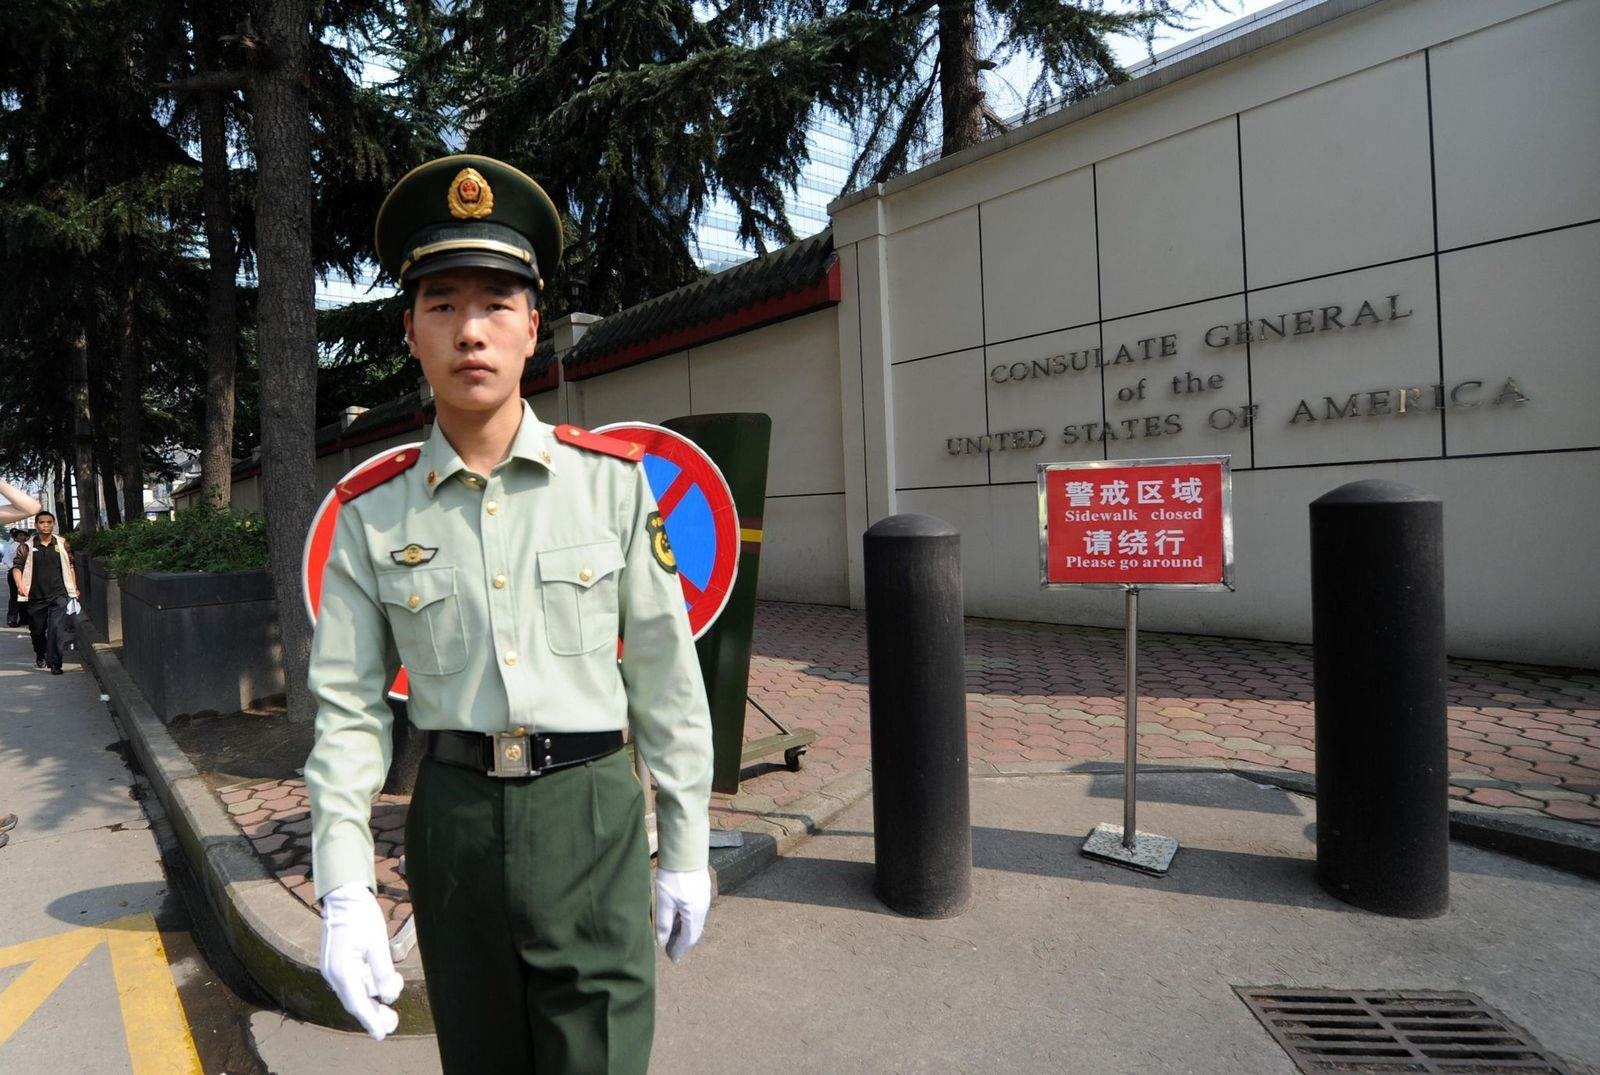 مدخل القنصلية الأميركية في تشنغدو بمقاطعة سيتشوان (أ ف ب).